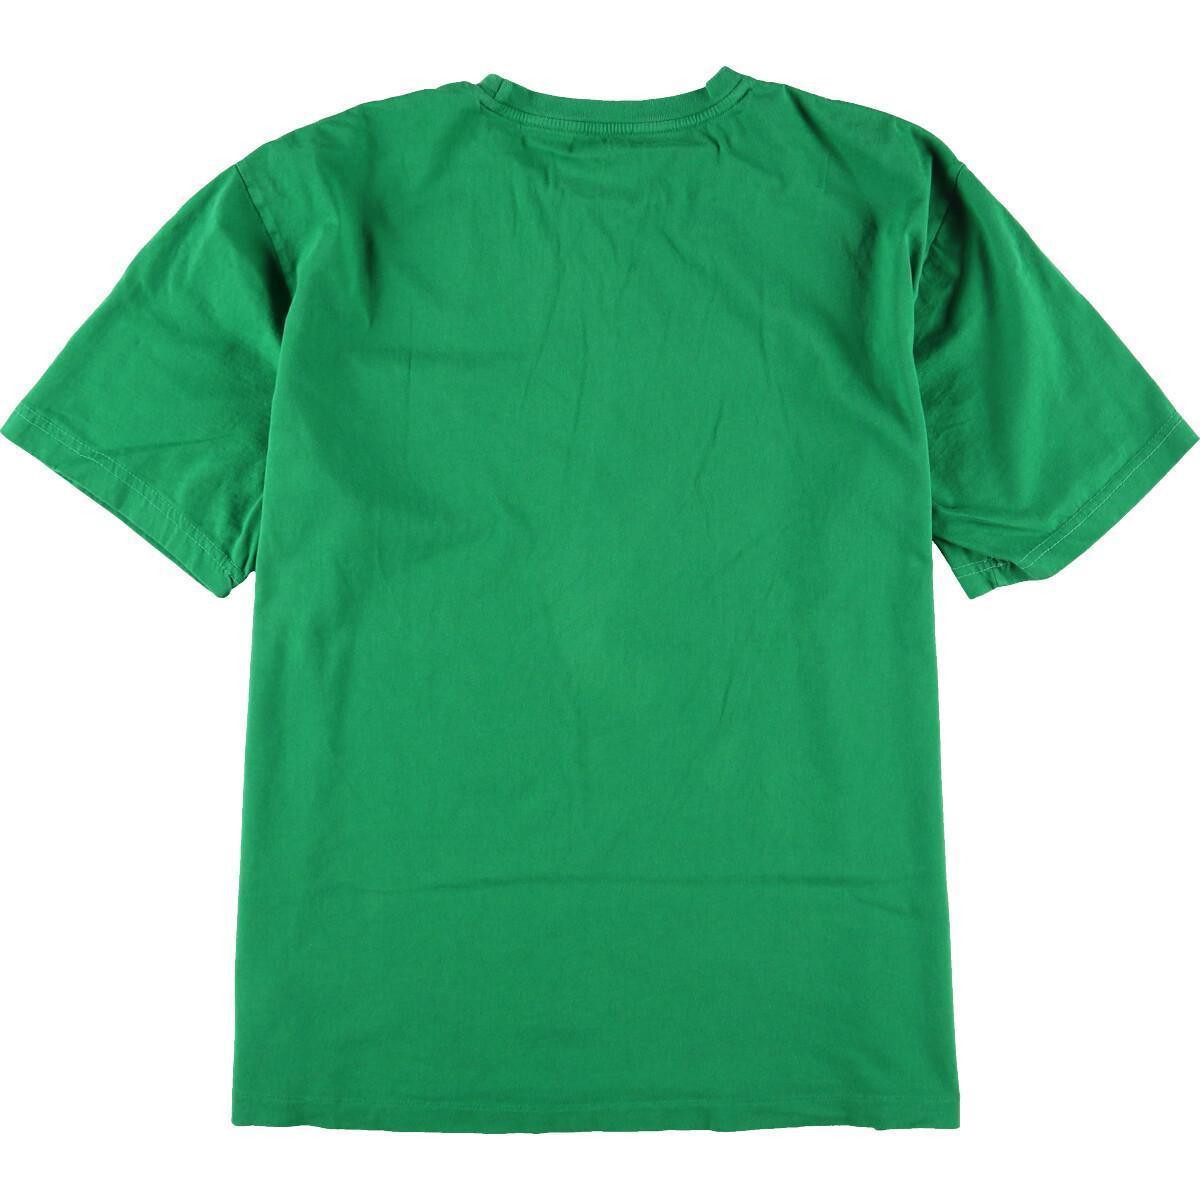 ラルフローレン Ralph Lauren POLO by Ralph Lauren ワンポイントロゴポケットTシャツ メンズXL /eaa155206_画像2